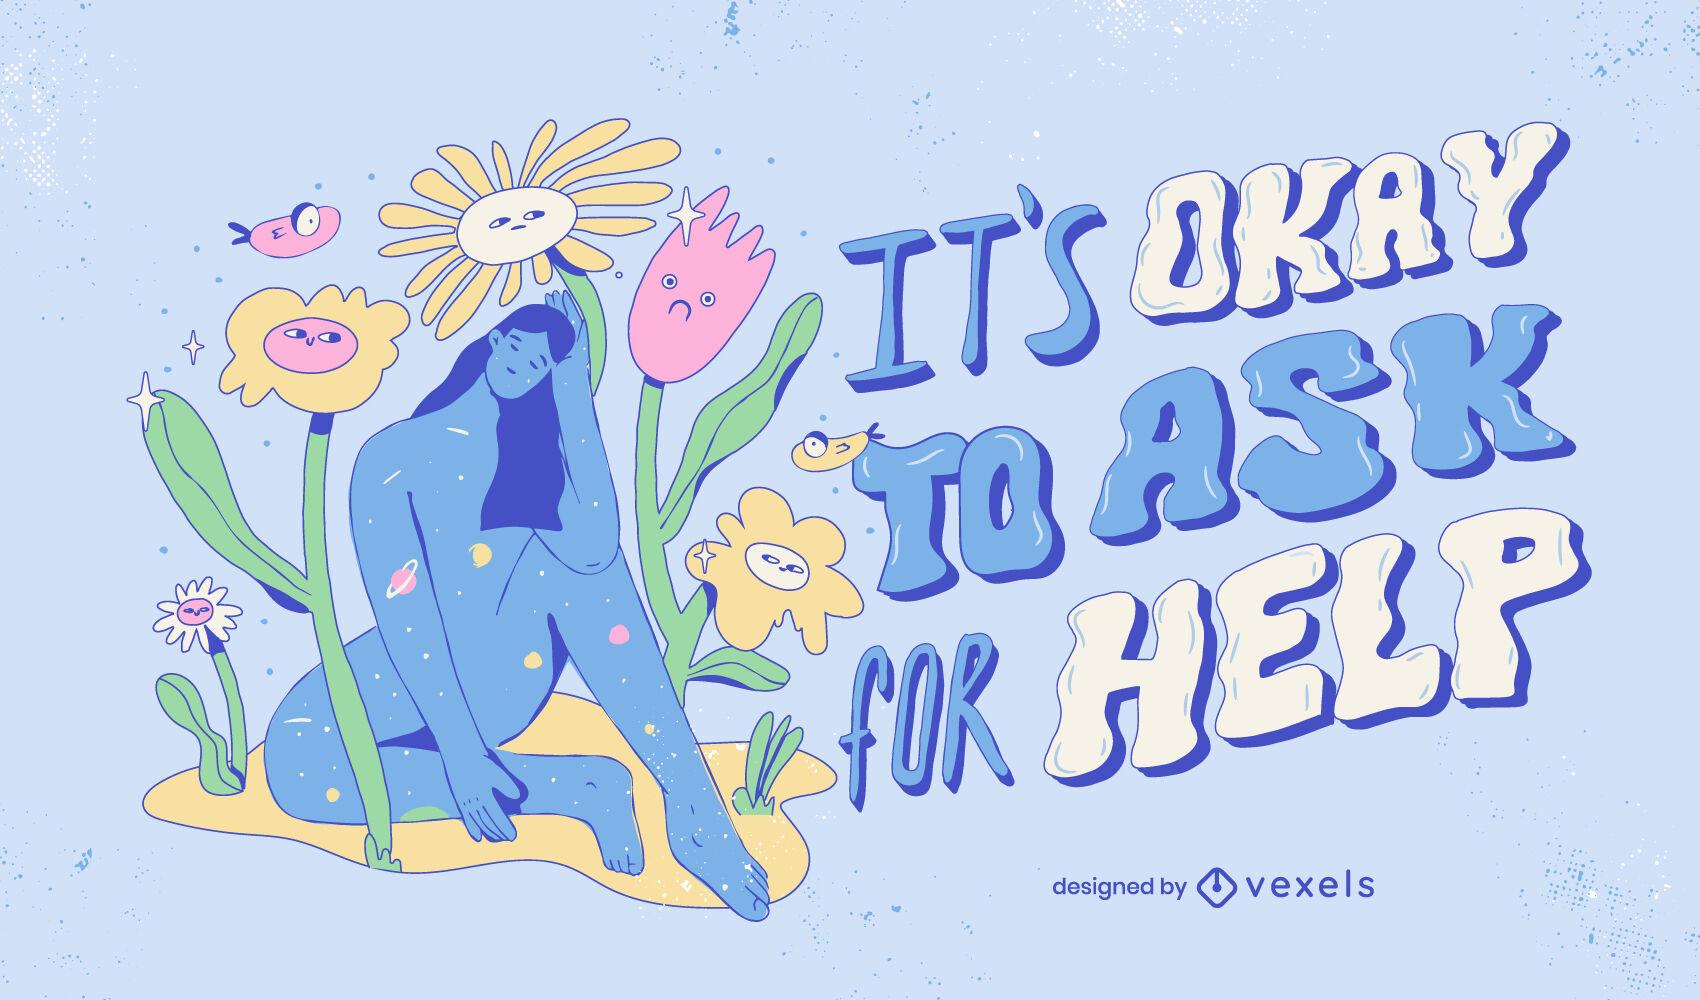 Motivierendes Illustrationsdesign für Neurodiversität